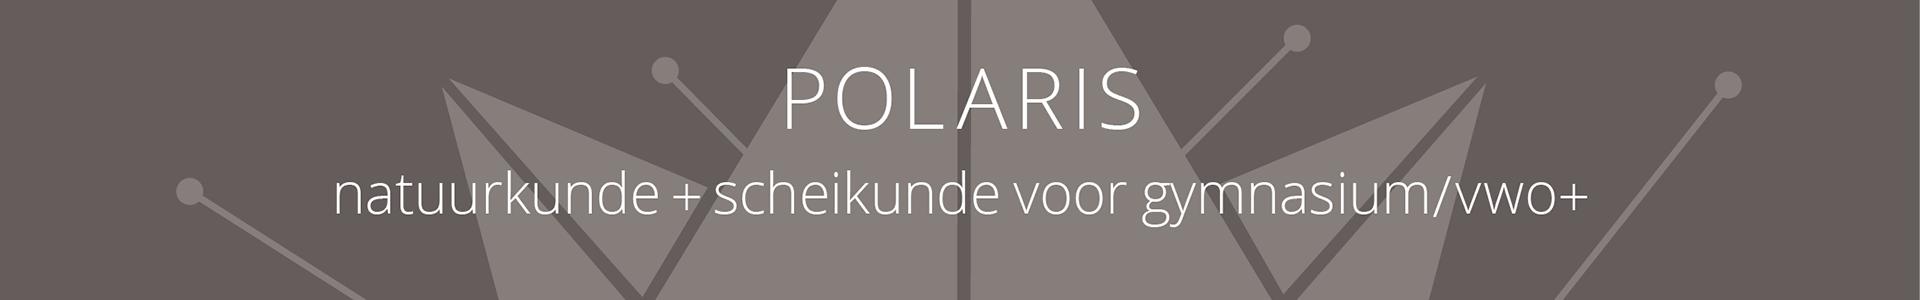 Lesmethode NASK voortgezet onderwijs | Bestel POLARIS natuurkunde scheikunde gymnasium vwo+